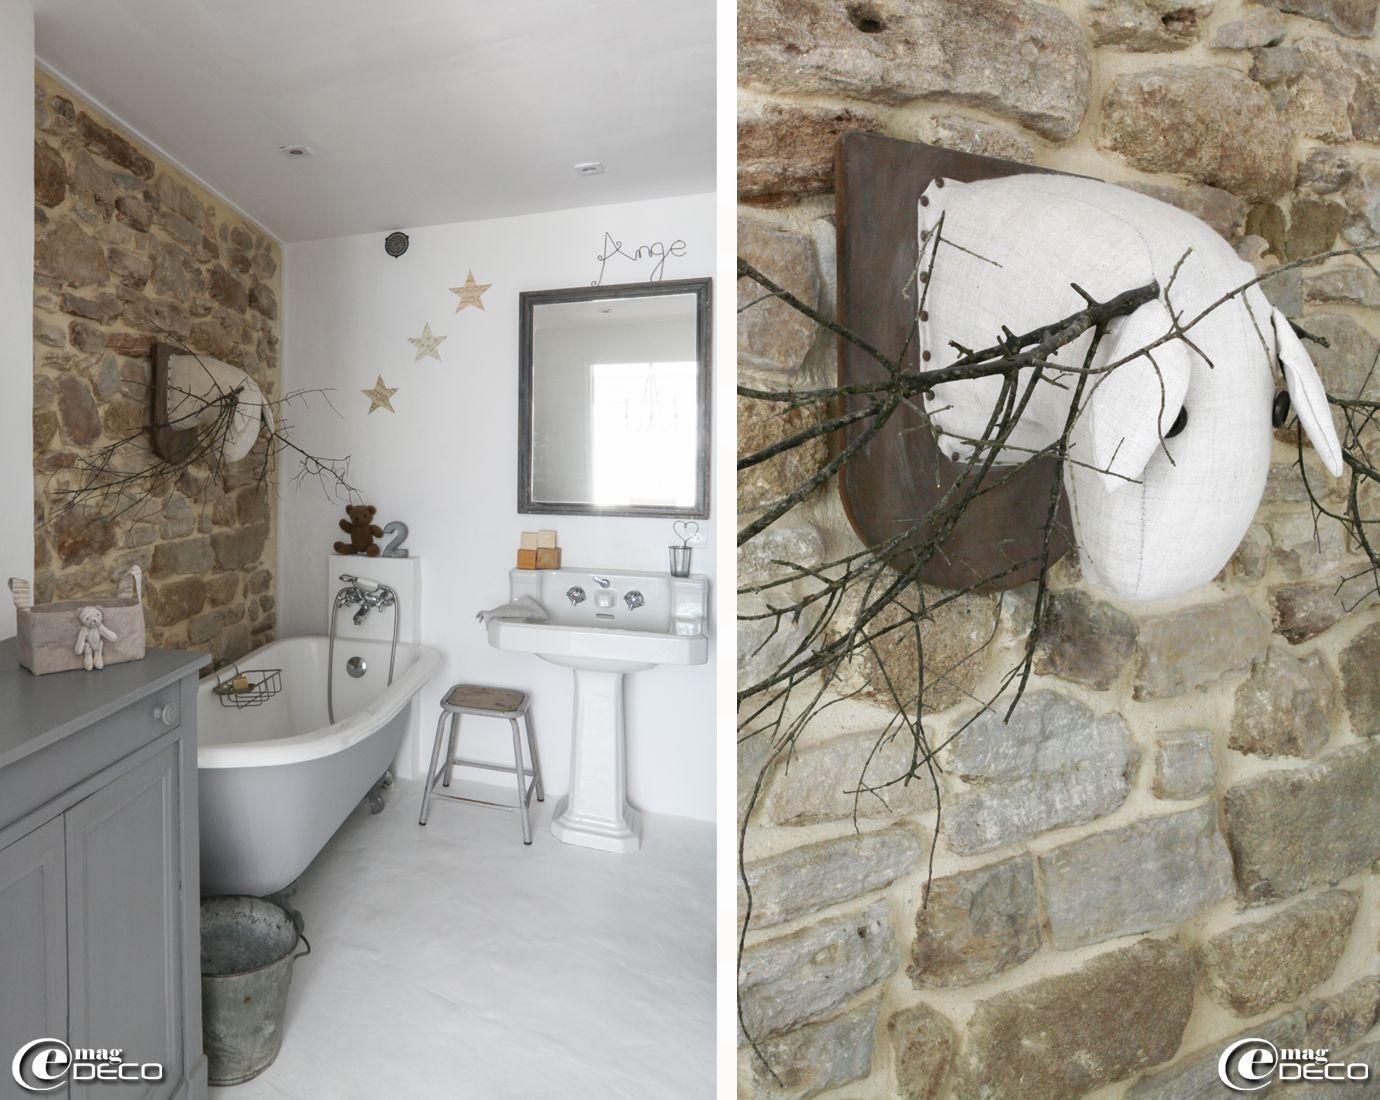 ancienne baignoire sur pieds et lavabo sur colonne d got s sur tabouret de l arm e. Black Bedroom Furniture Sets. Home Design Ideas